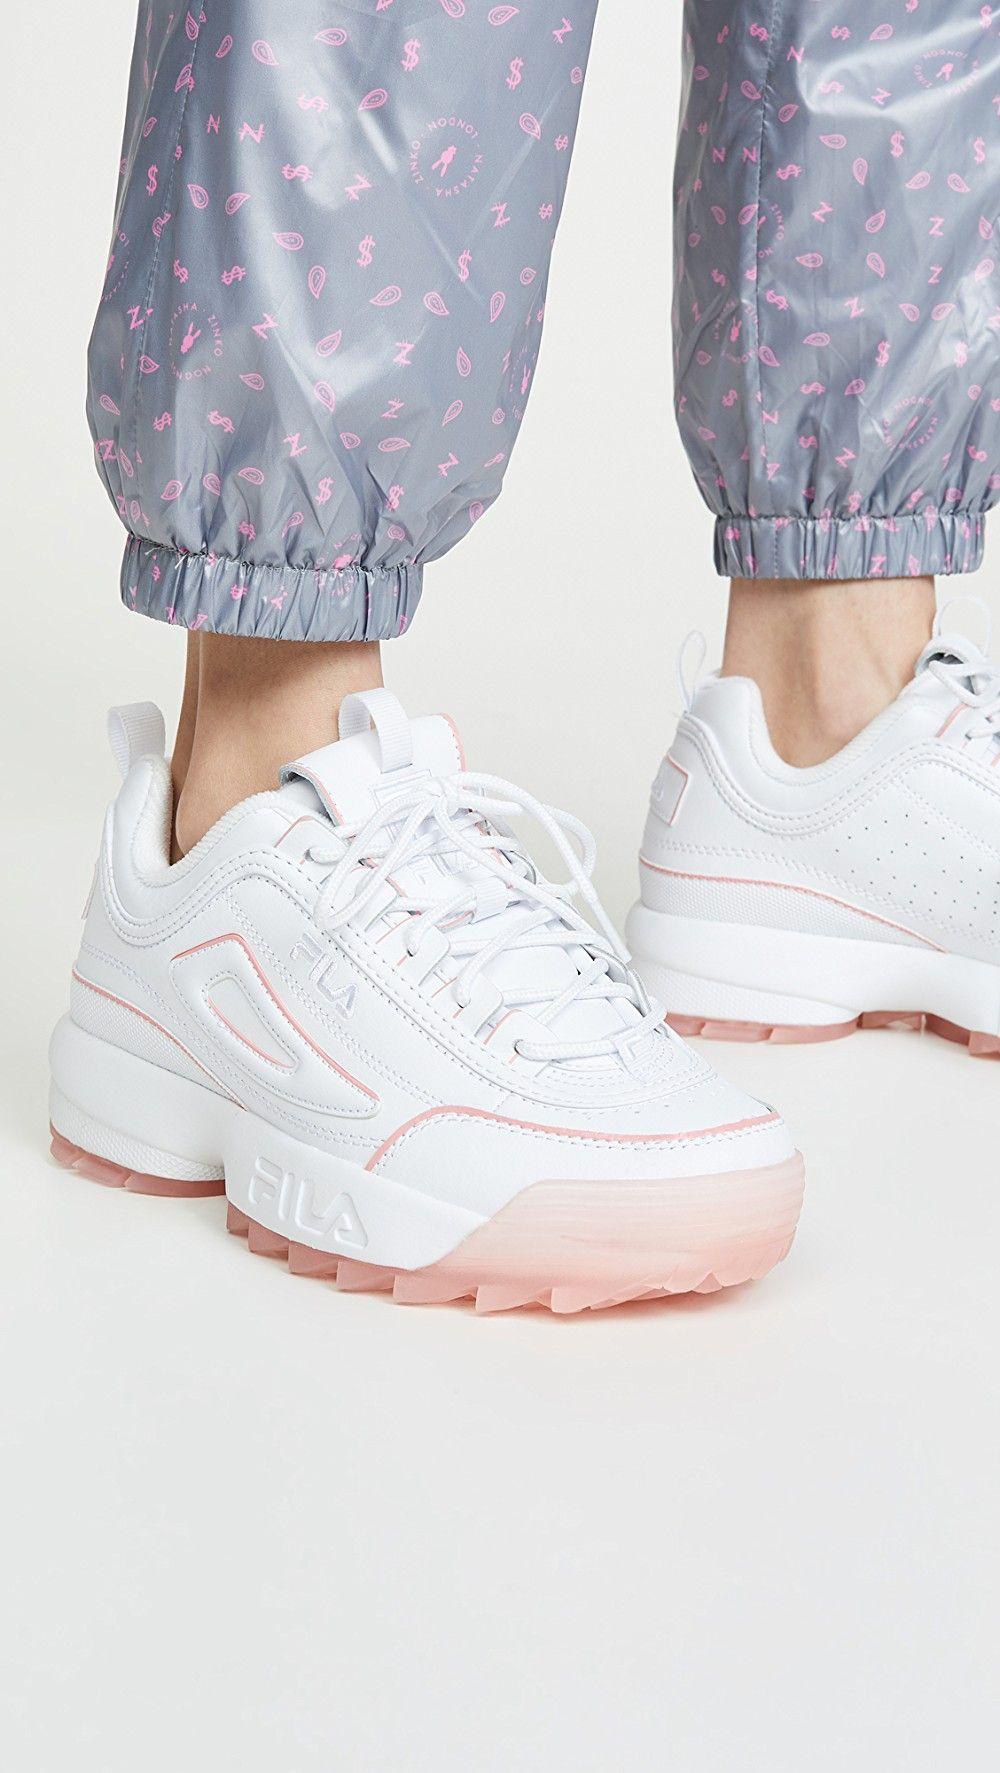 Fila Disruptor II Ice Sneakers